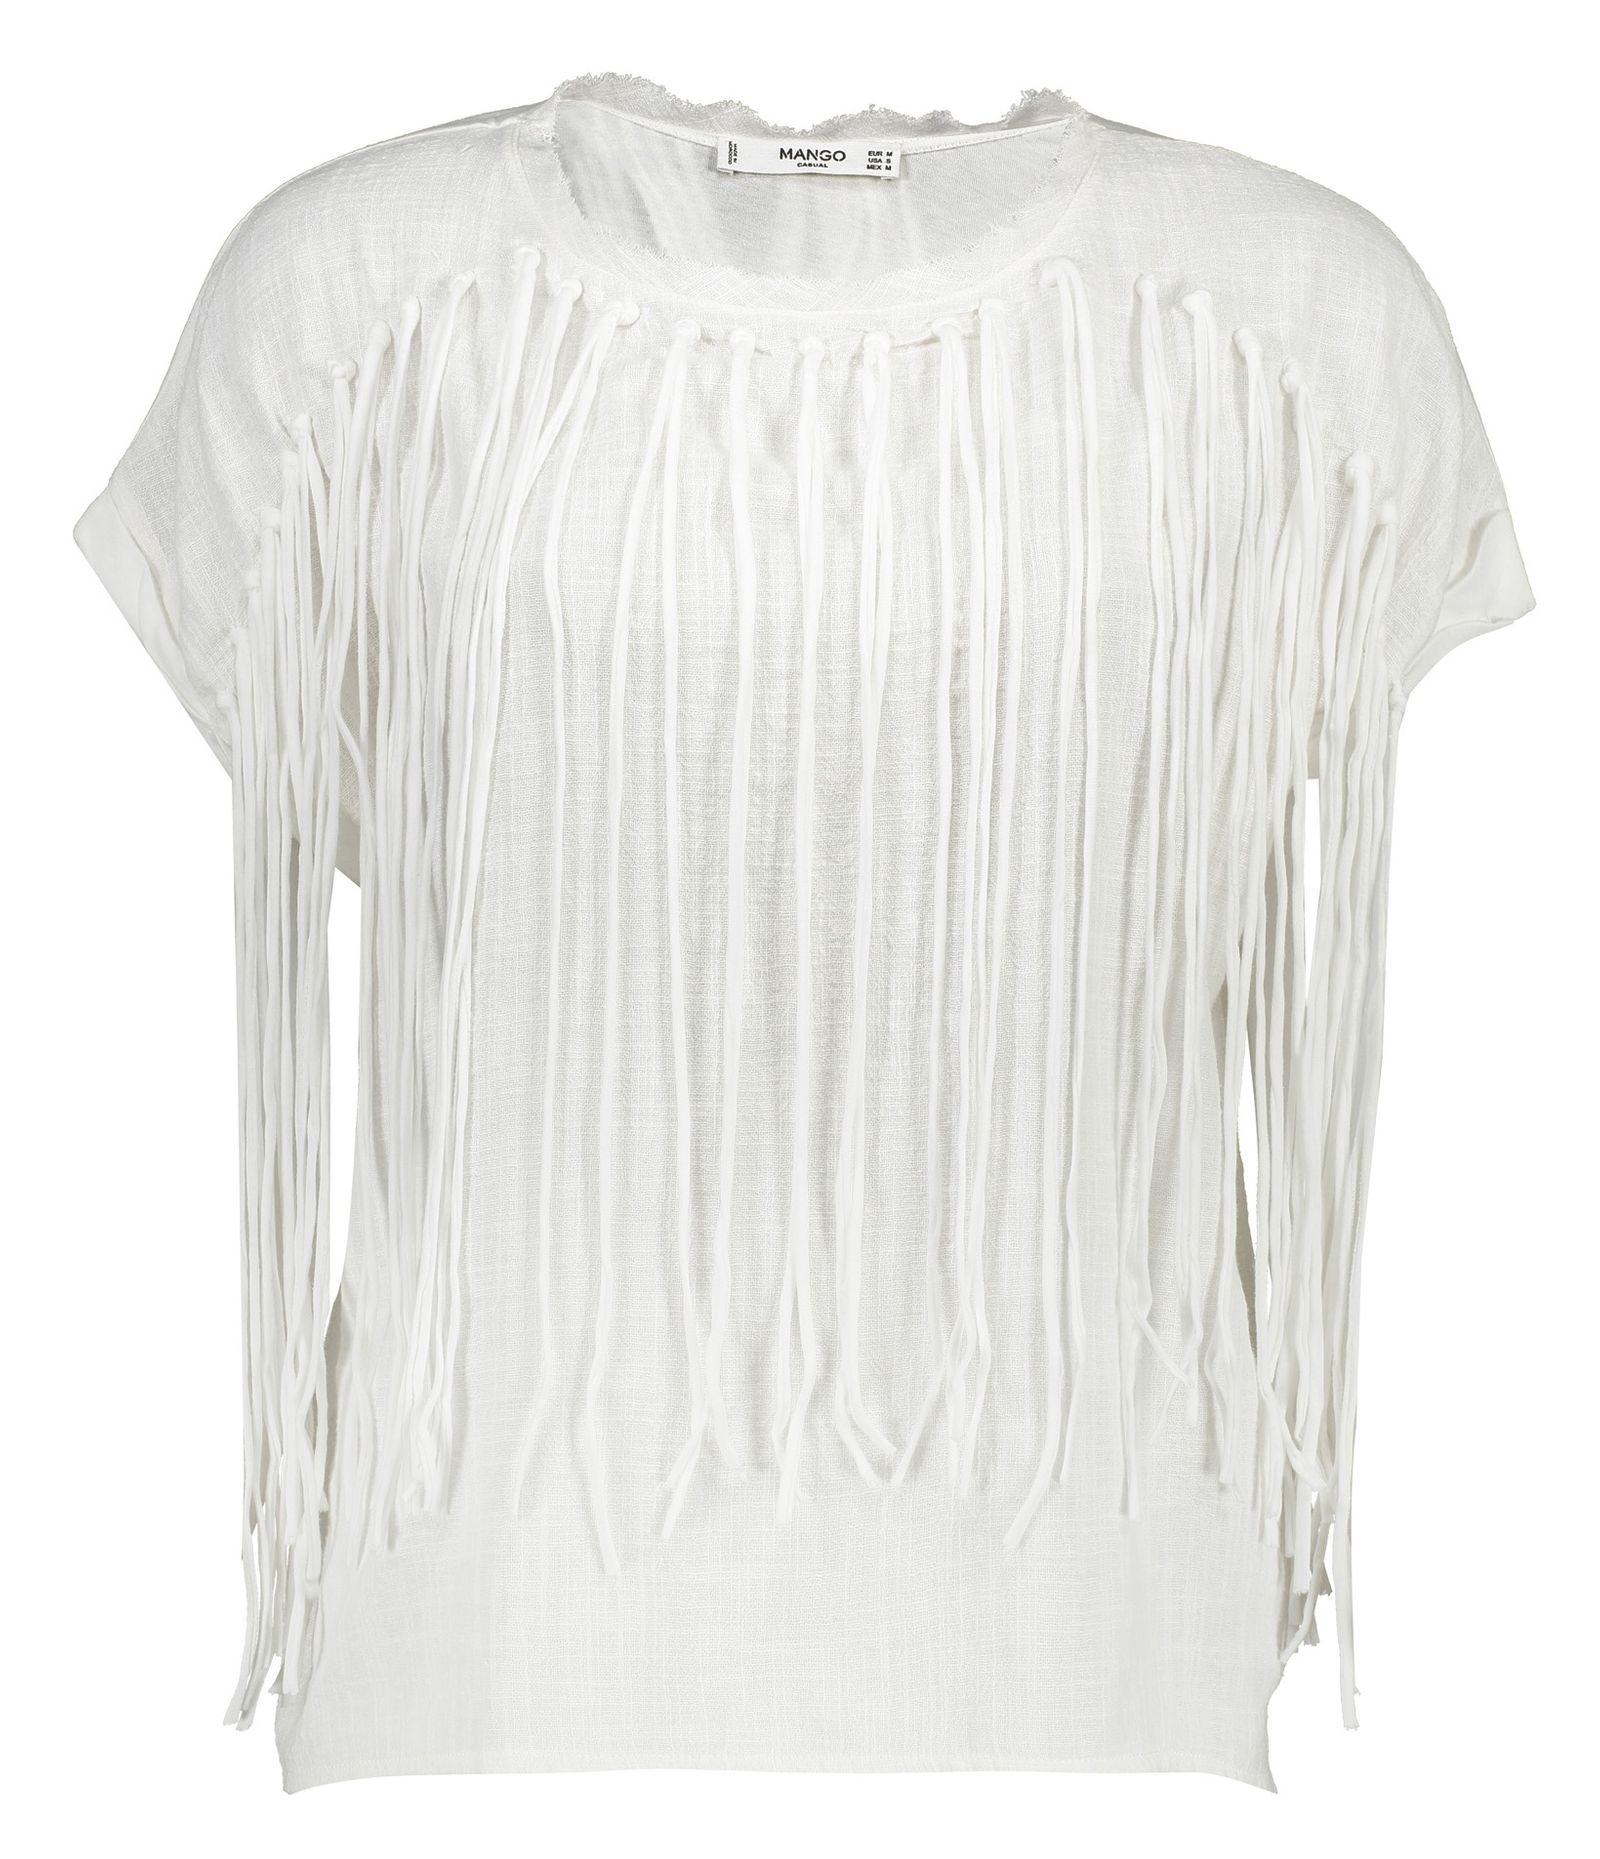 تی شرت نخی یقه گرد زنانه - مانگو - سفید - 1